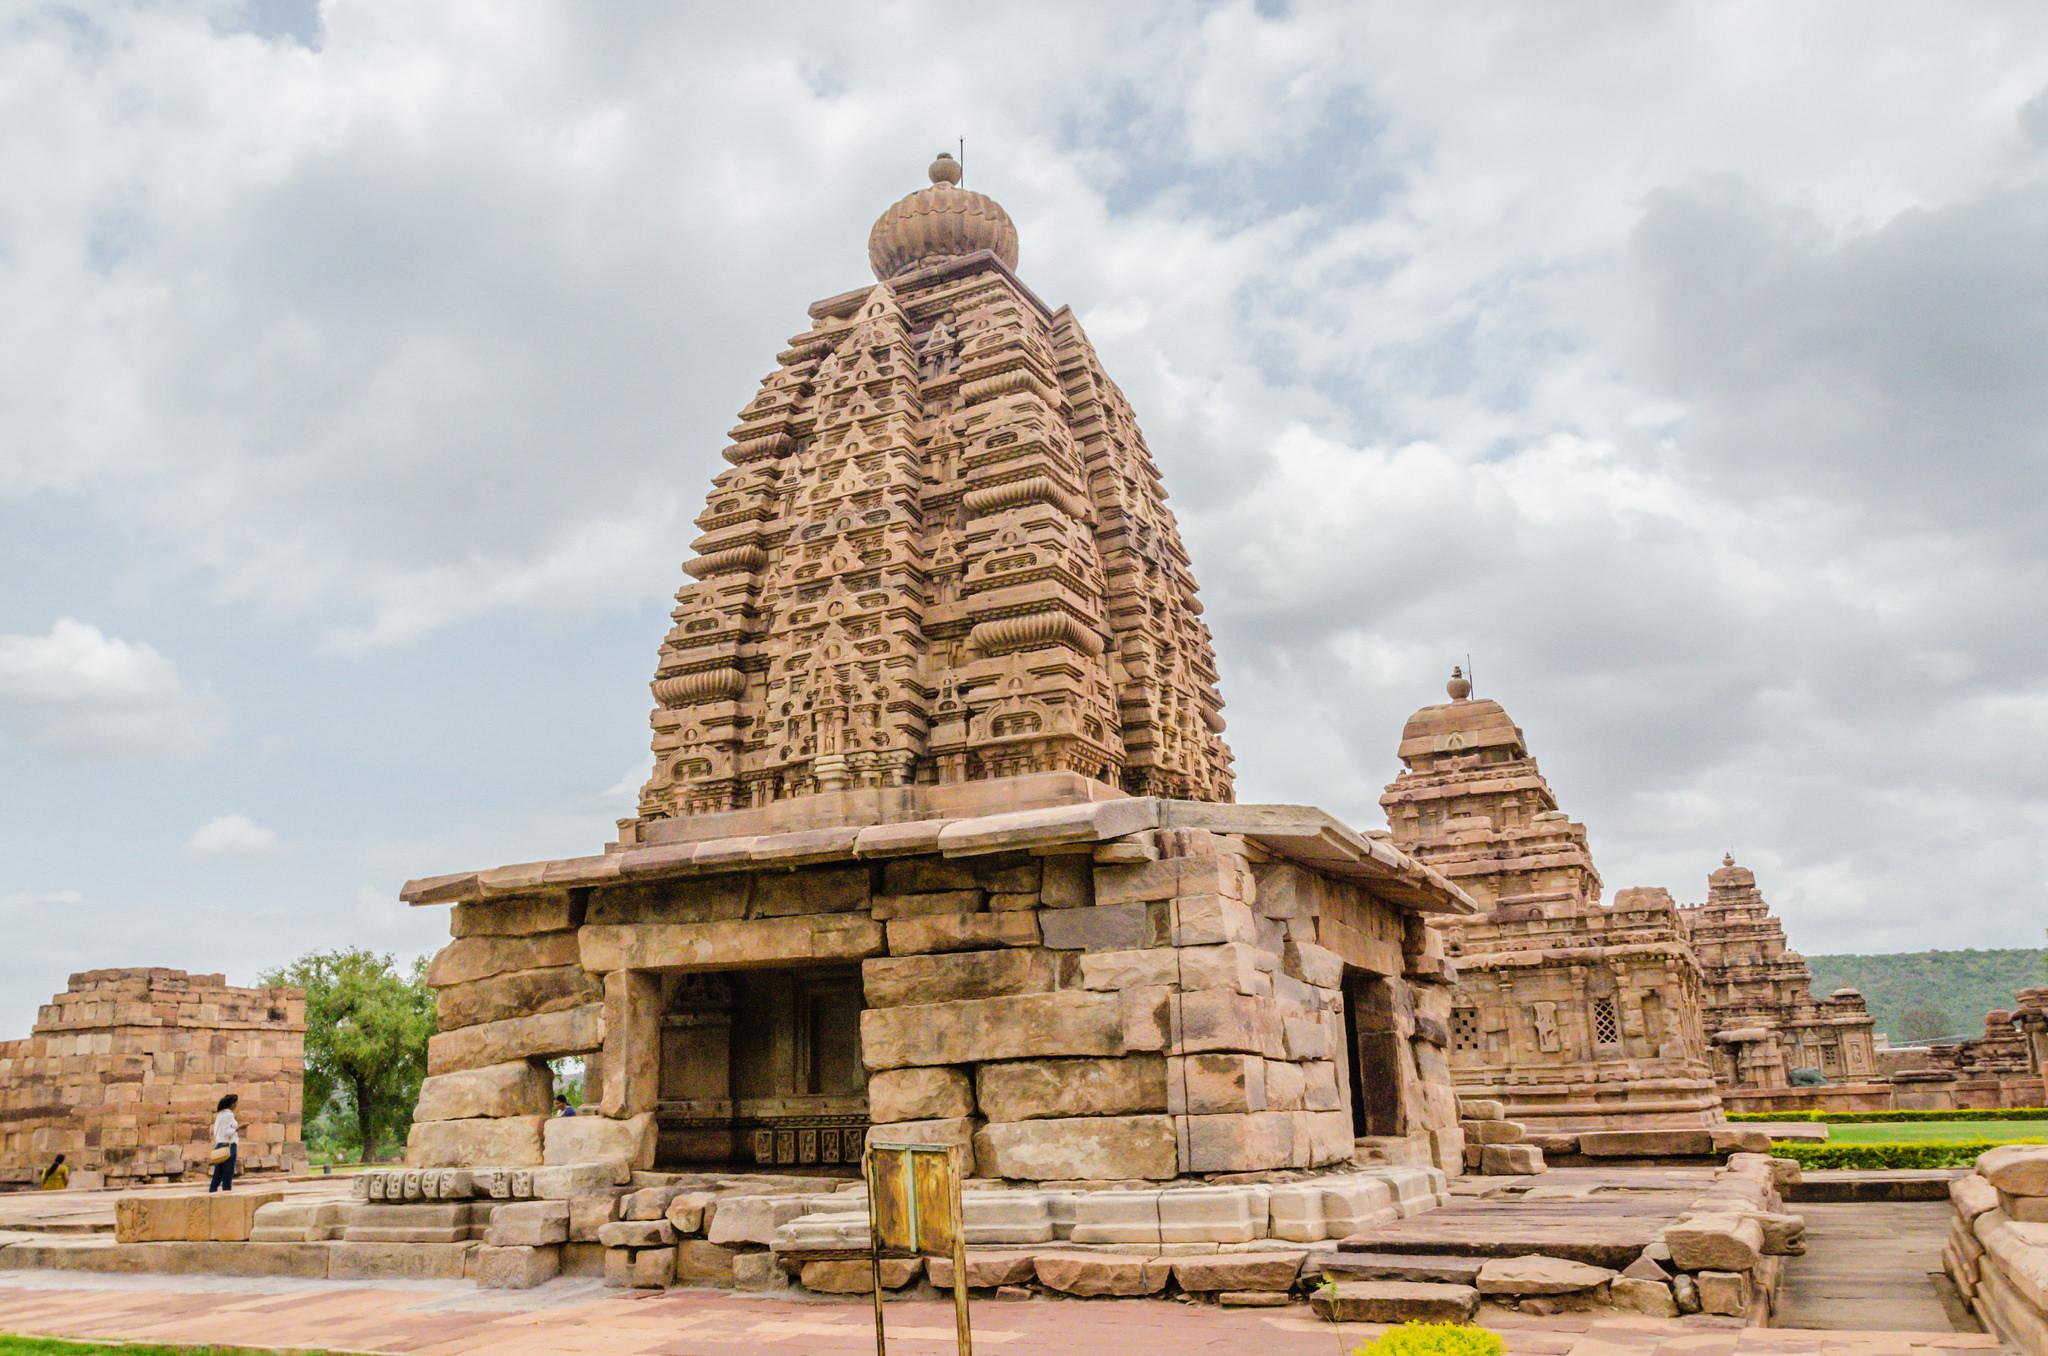 Храм Галаганата, Паттадакал, Карнатака